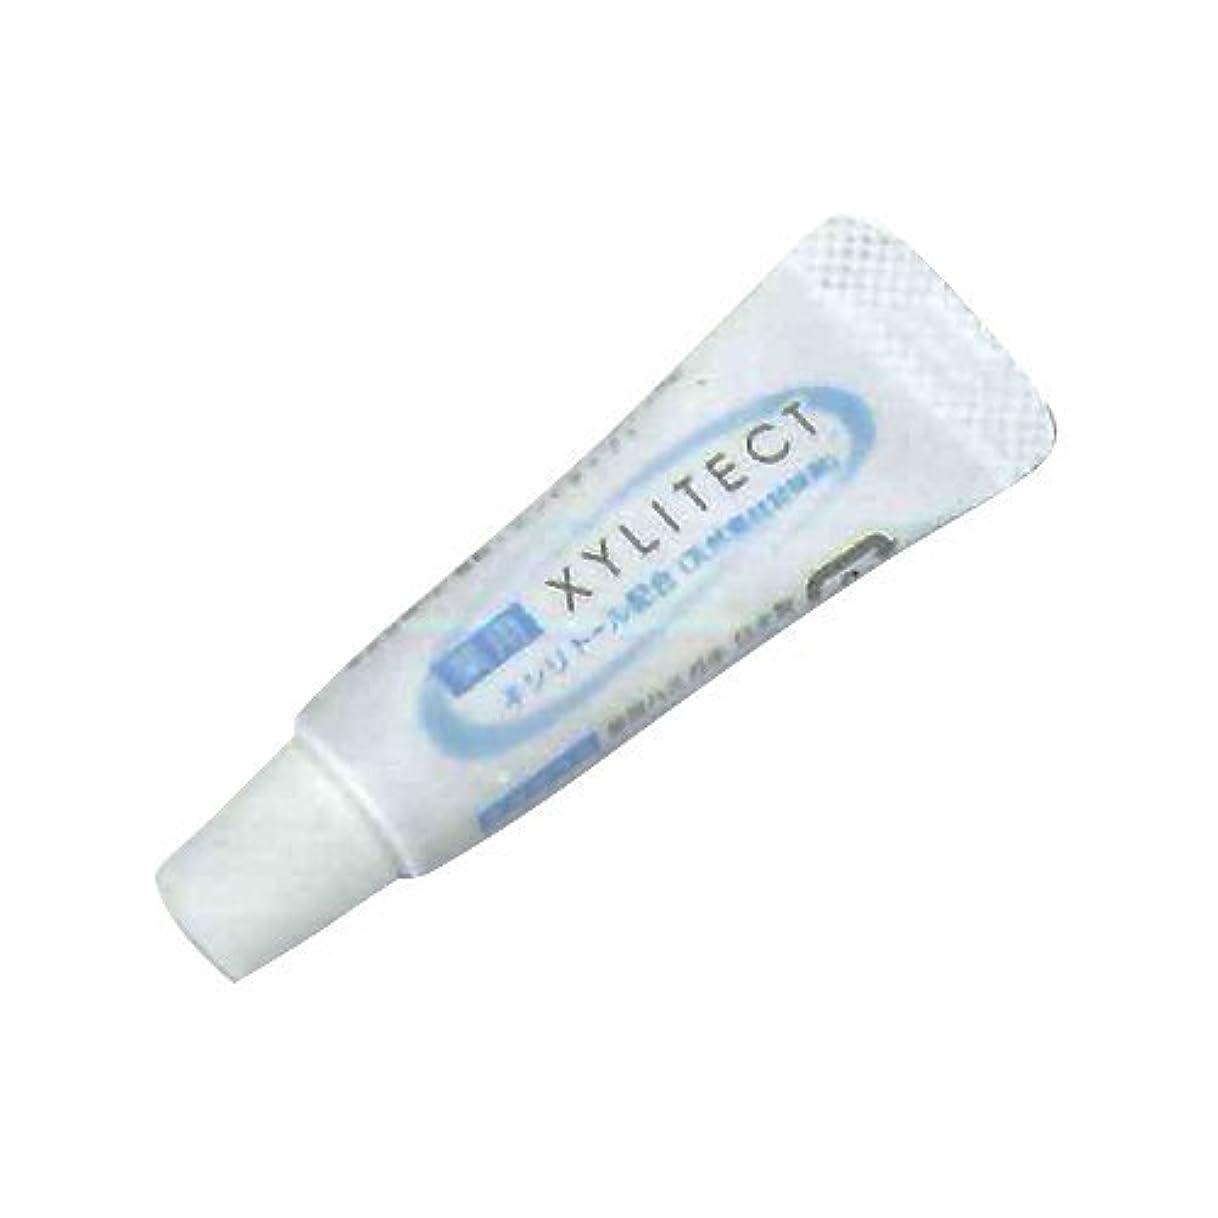 ゼリー生活スラック業務用歯磨き粉 薬用キシリテクト (XYLITECT) 4.5g ×500個セット (個包装タイプ)   ホテルアメニティ ハミガキ toothpaste